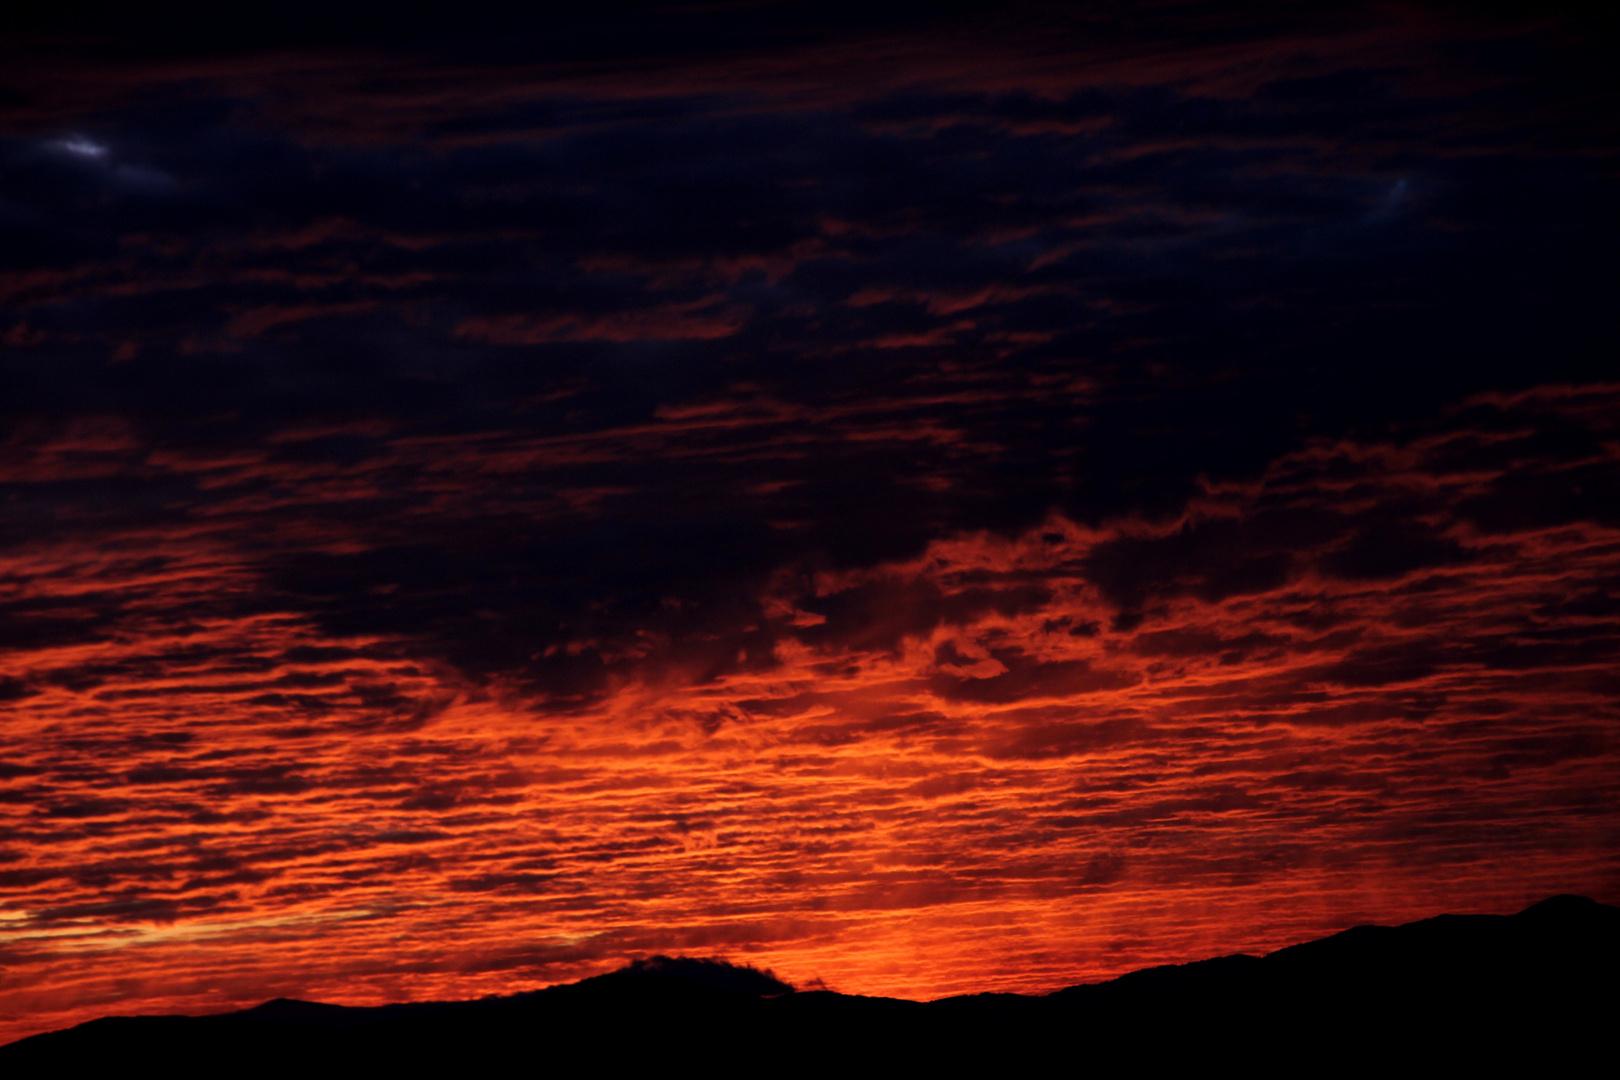 Sonnenuntergang in Kärnten